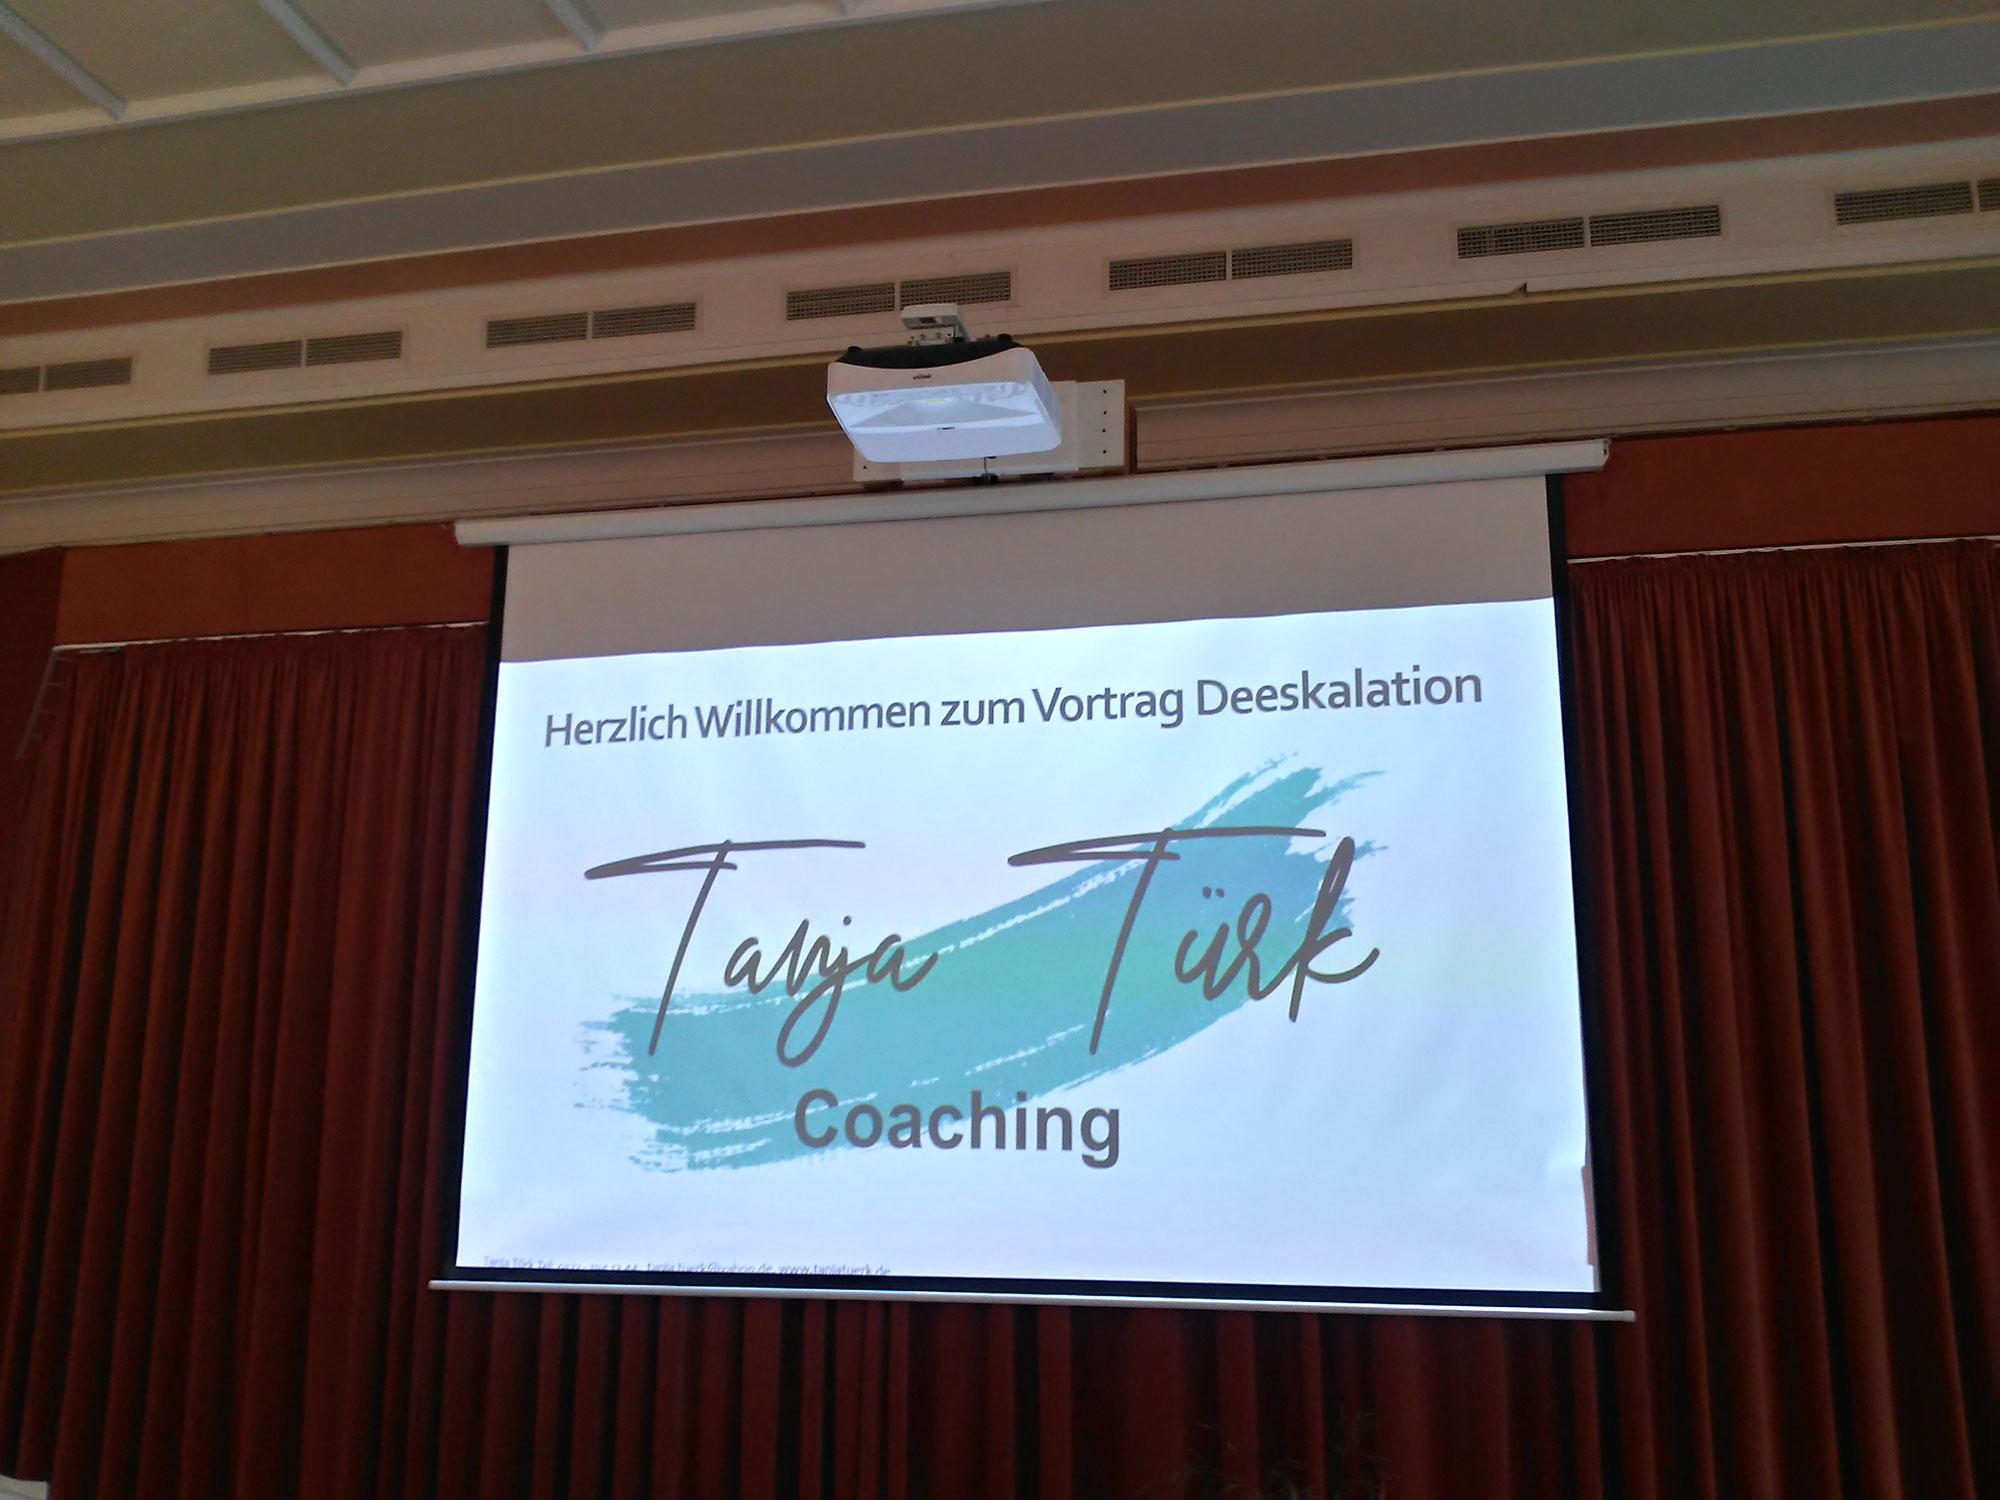 Vortrag zum Thema Deeskalation in Bad Tabarz